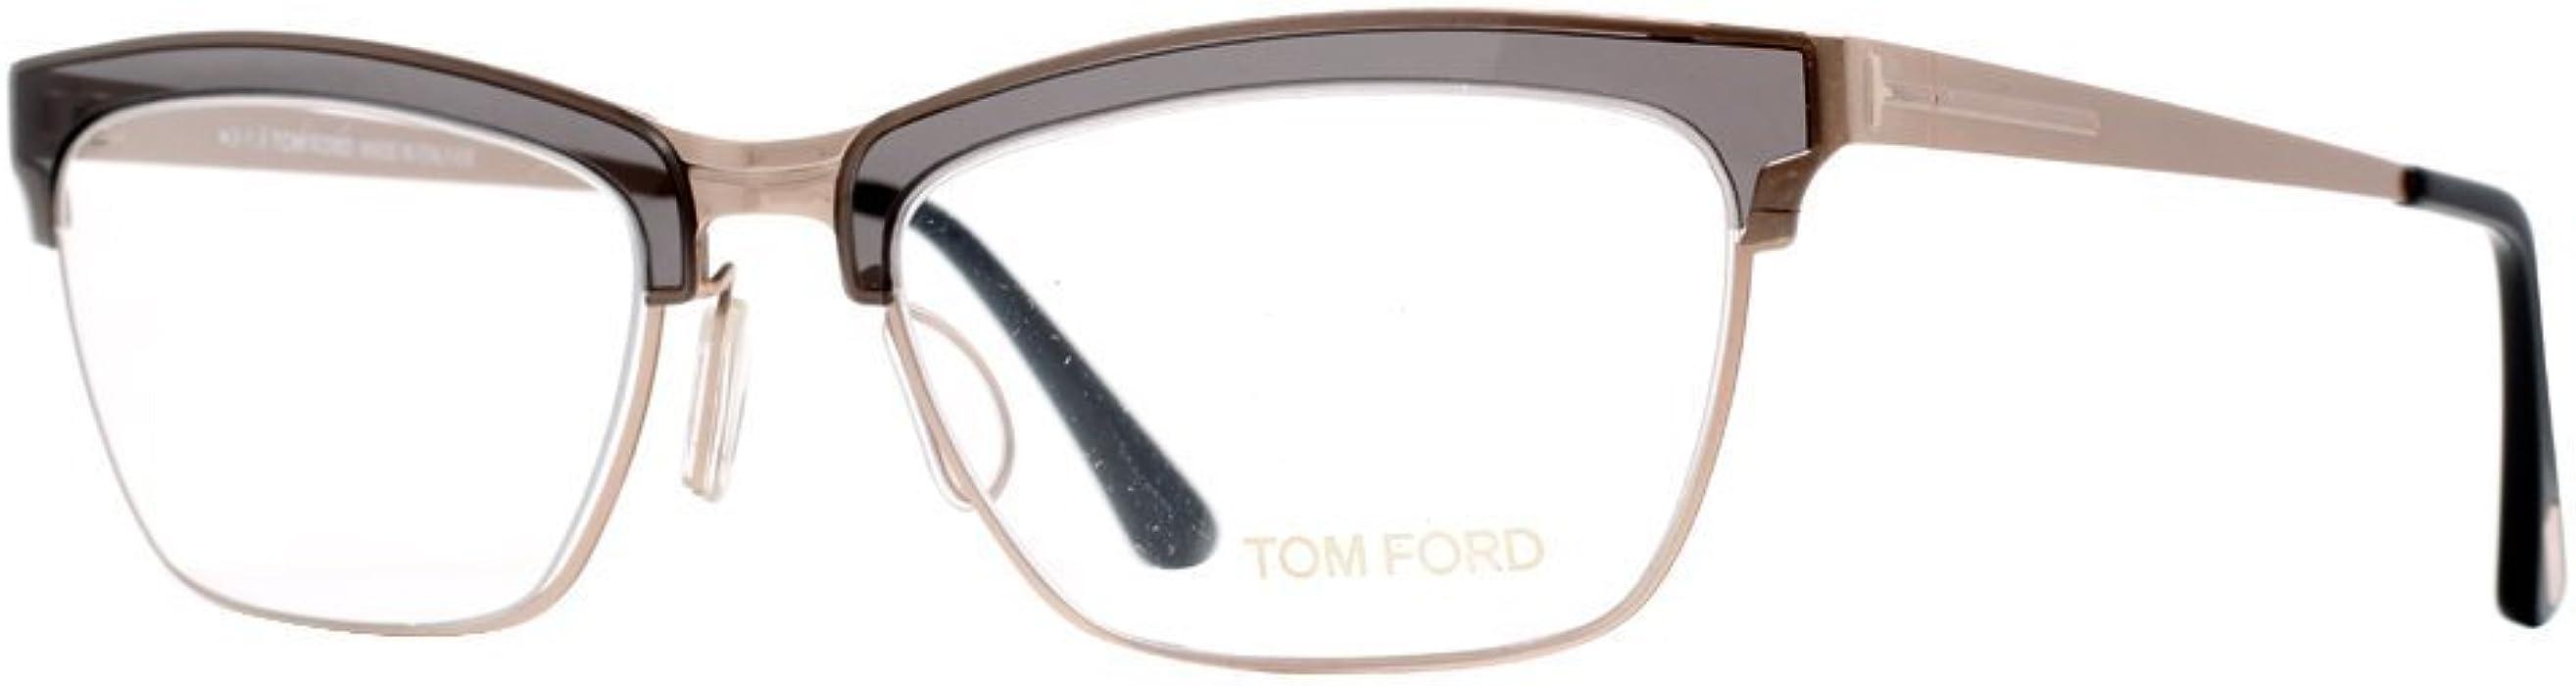 09ac6270e4070 Tom Ford - FT 5392